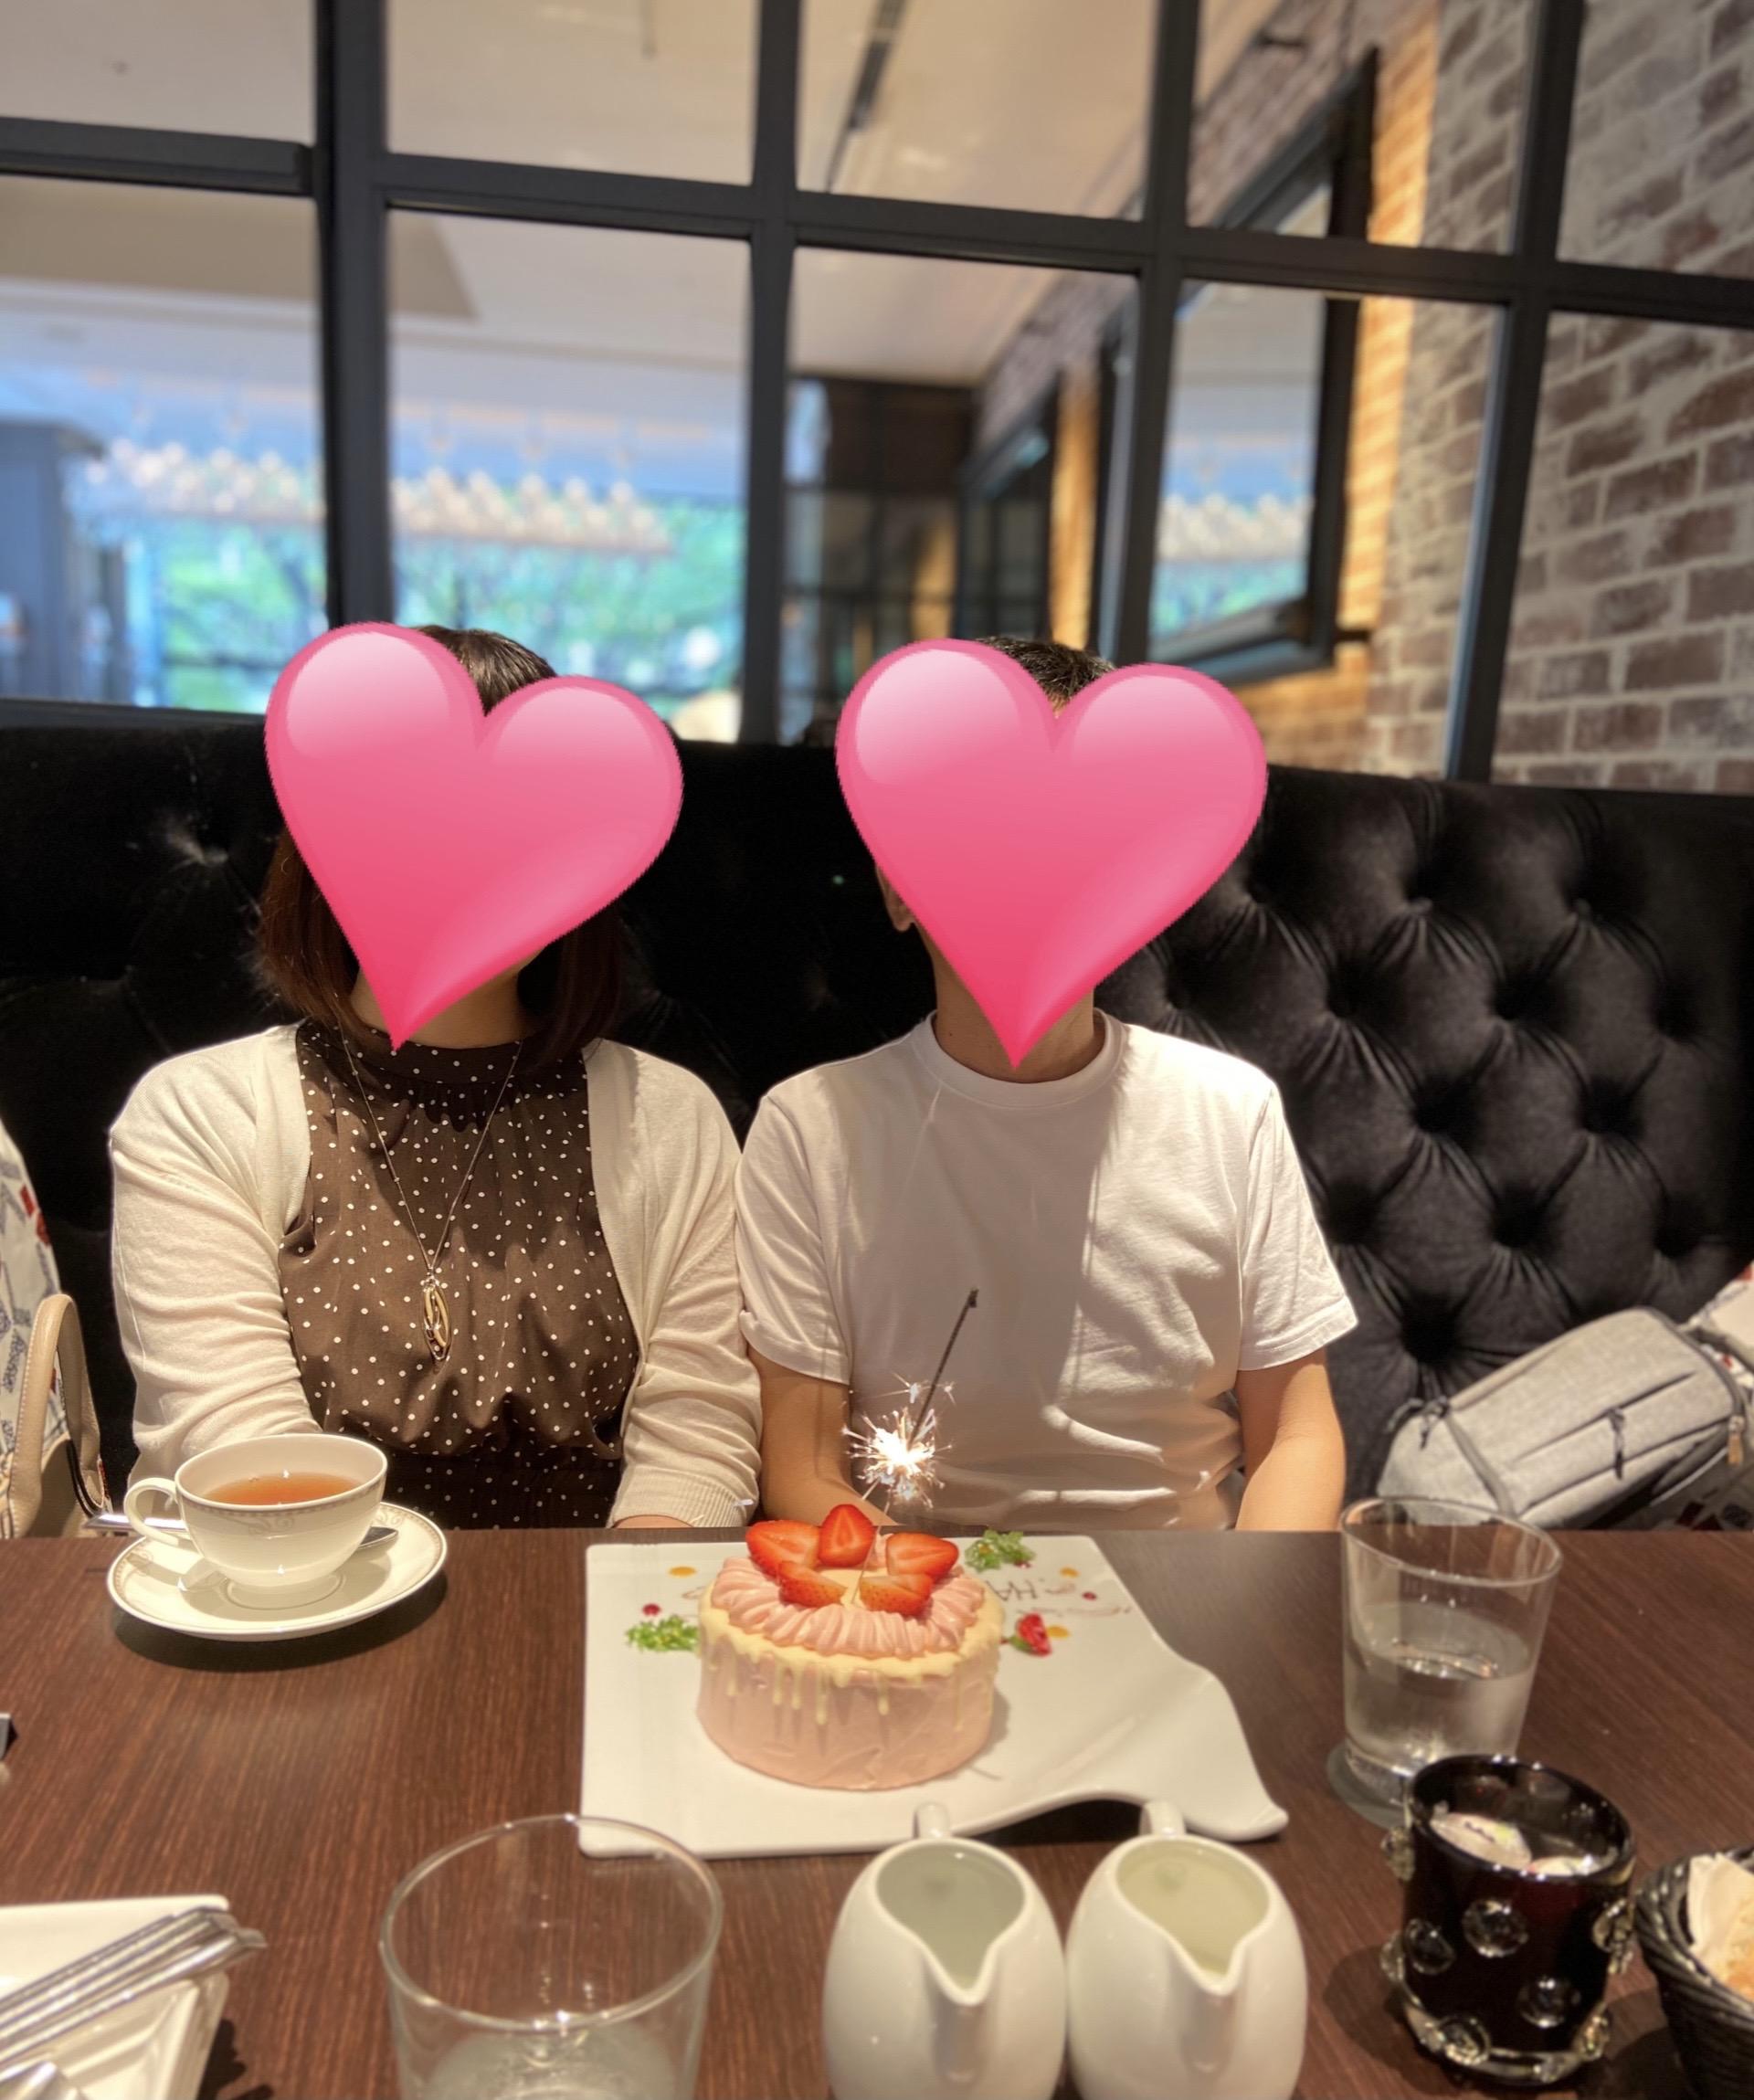 【成婚退会レポート20】41歳女性×43歳男性のカップル・活動期間半年でご成婚